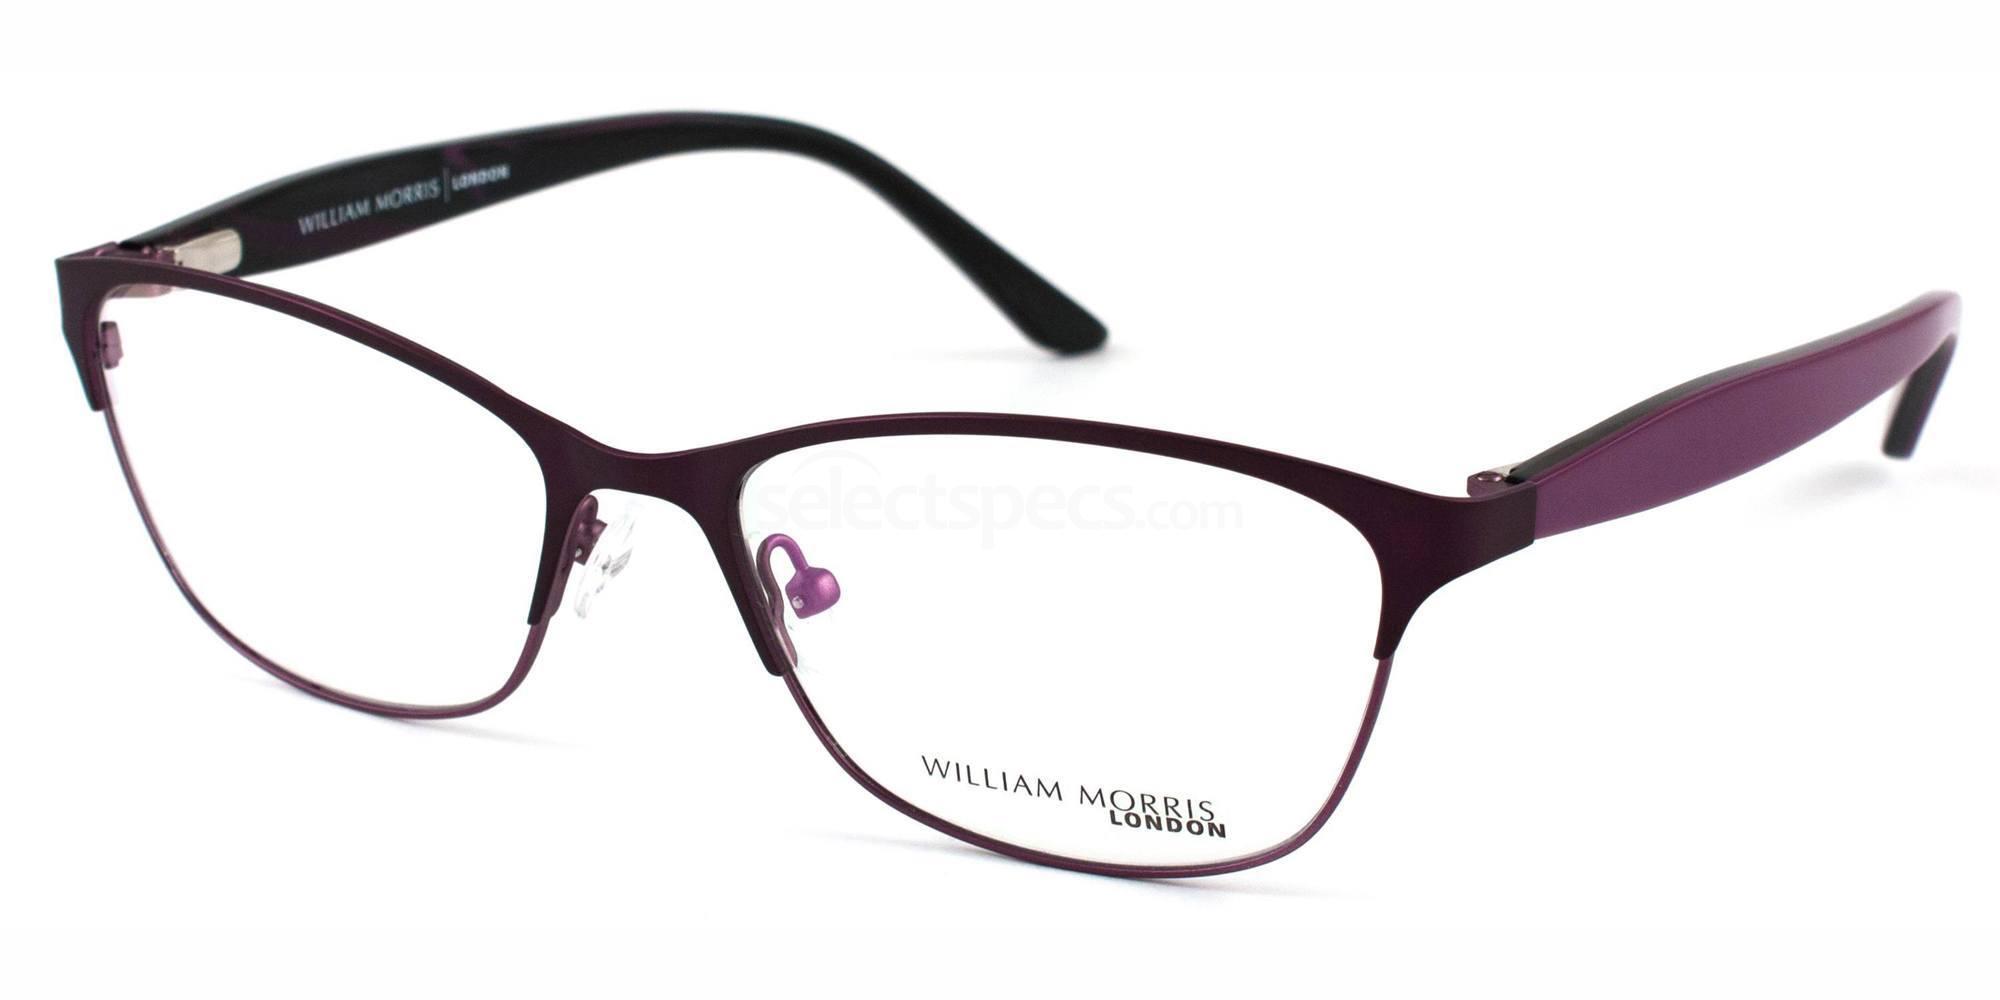 C1 WL9915 Glasses, William Morris London